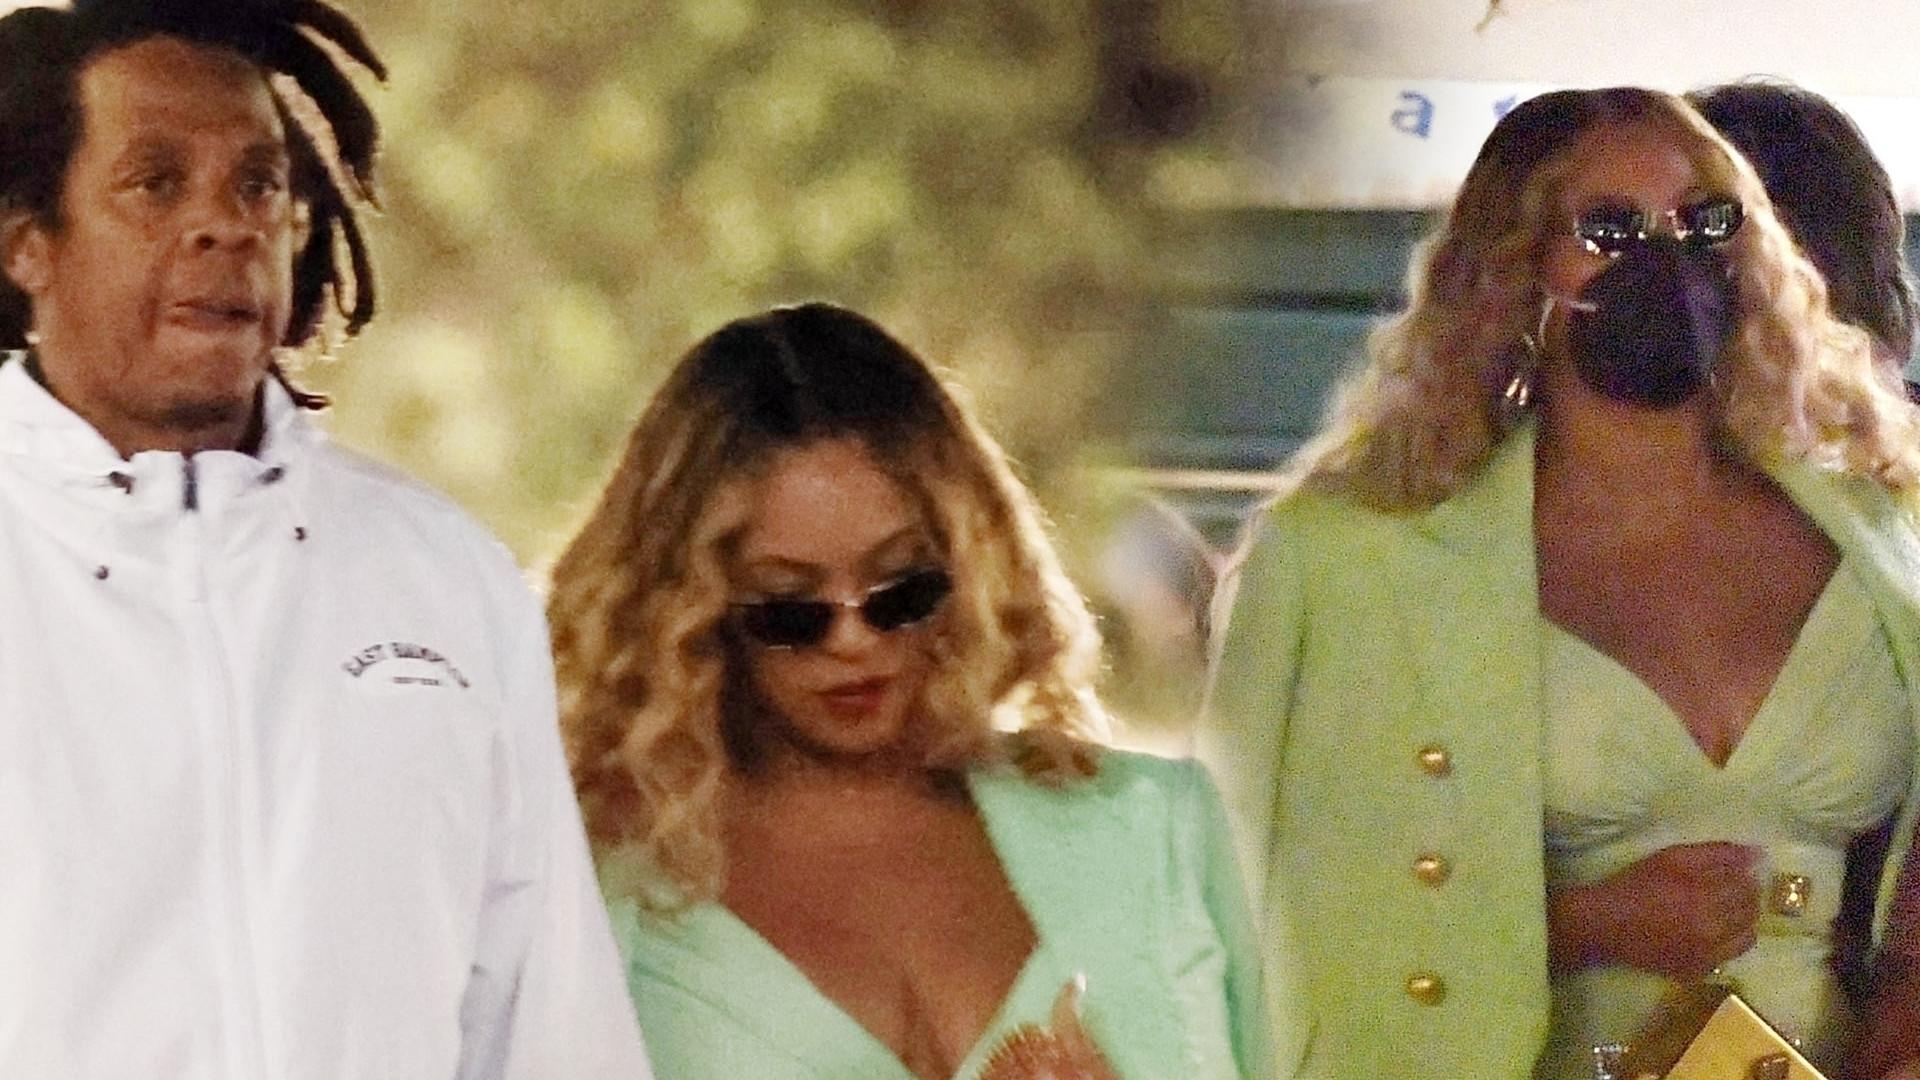 WOW! Beyonce podkreśliła swoje kształty zieloną mini podczas rodzinnego spaceru po Portofino (ZDJĘCIA)